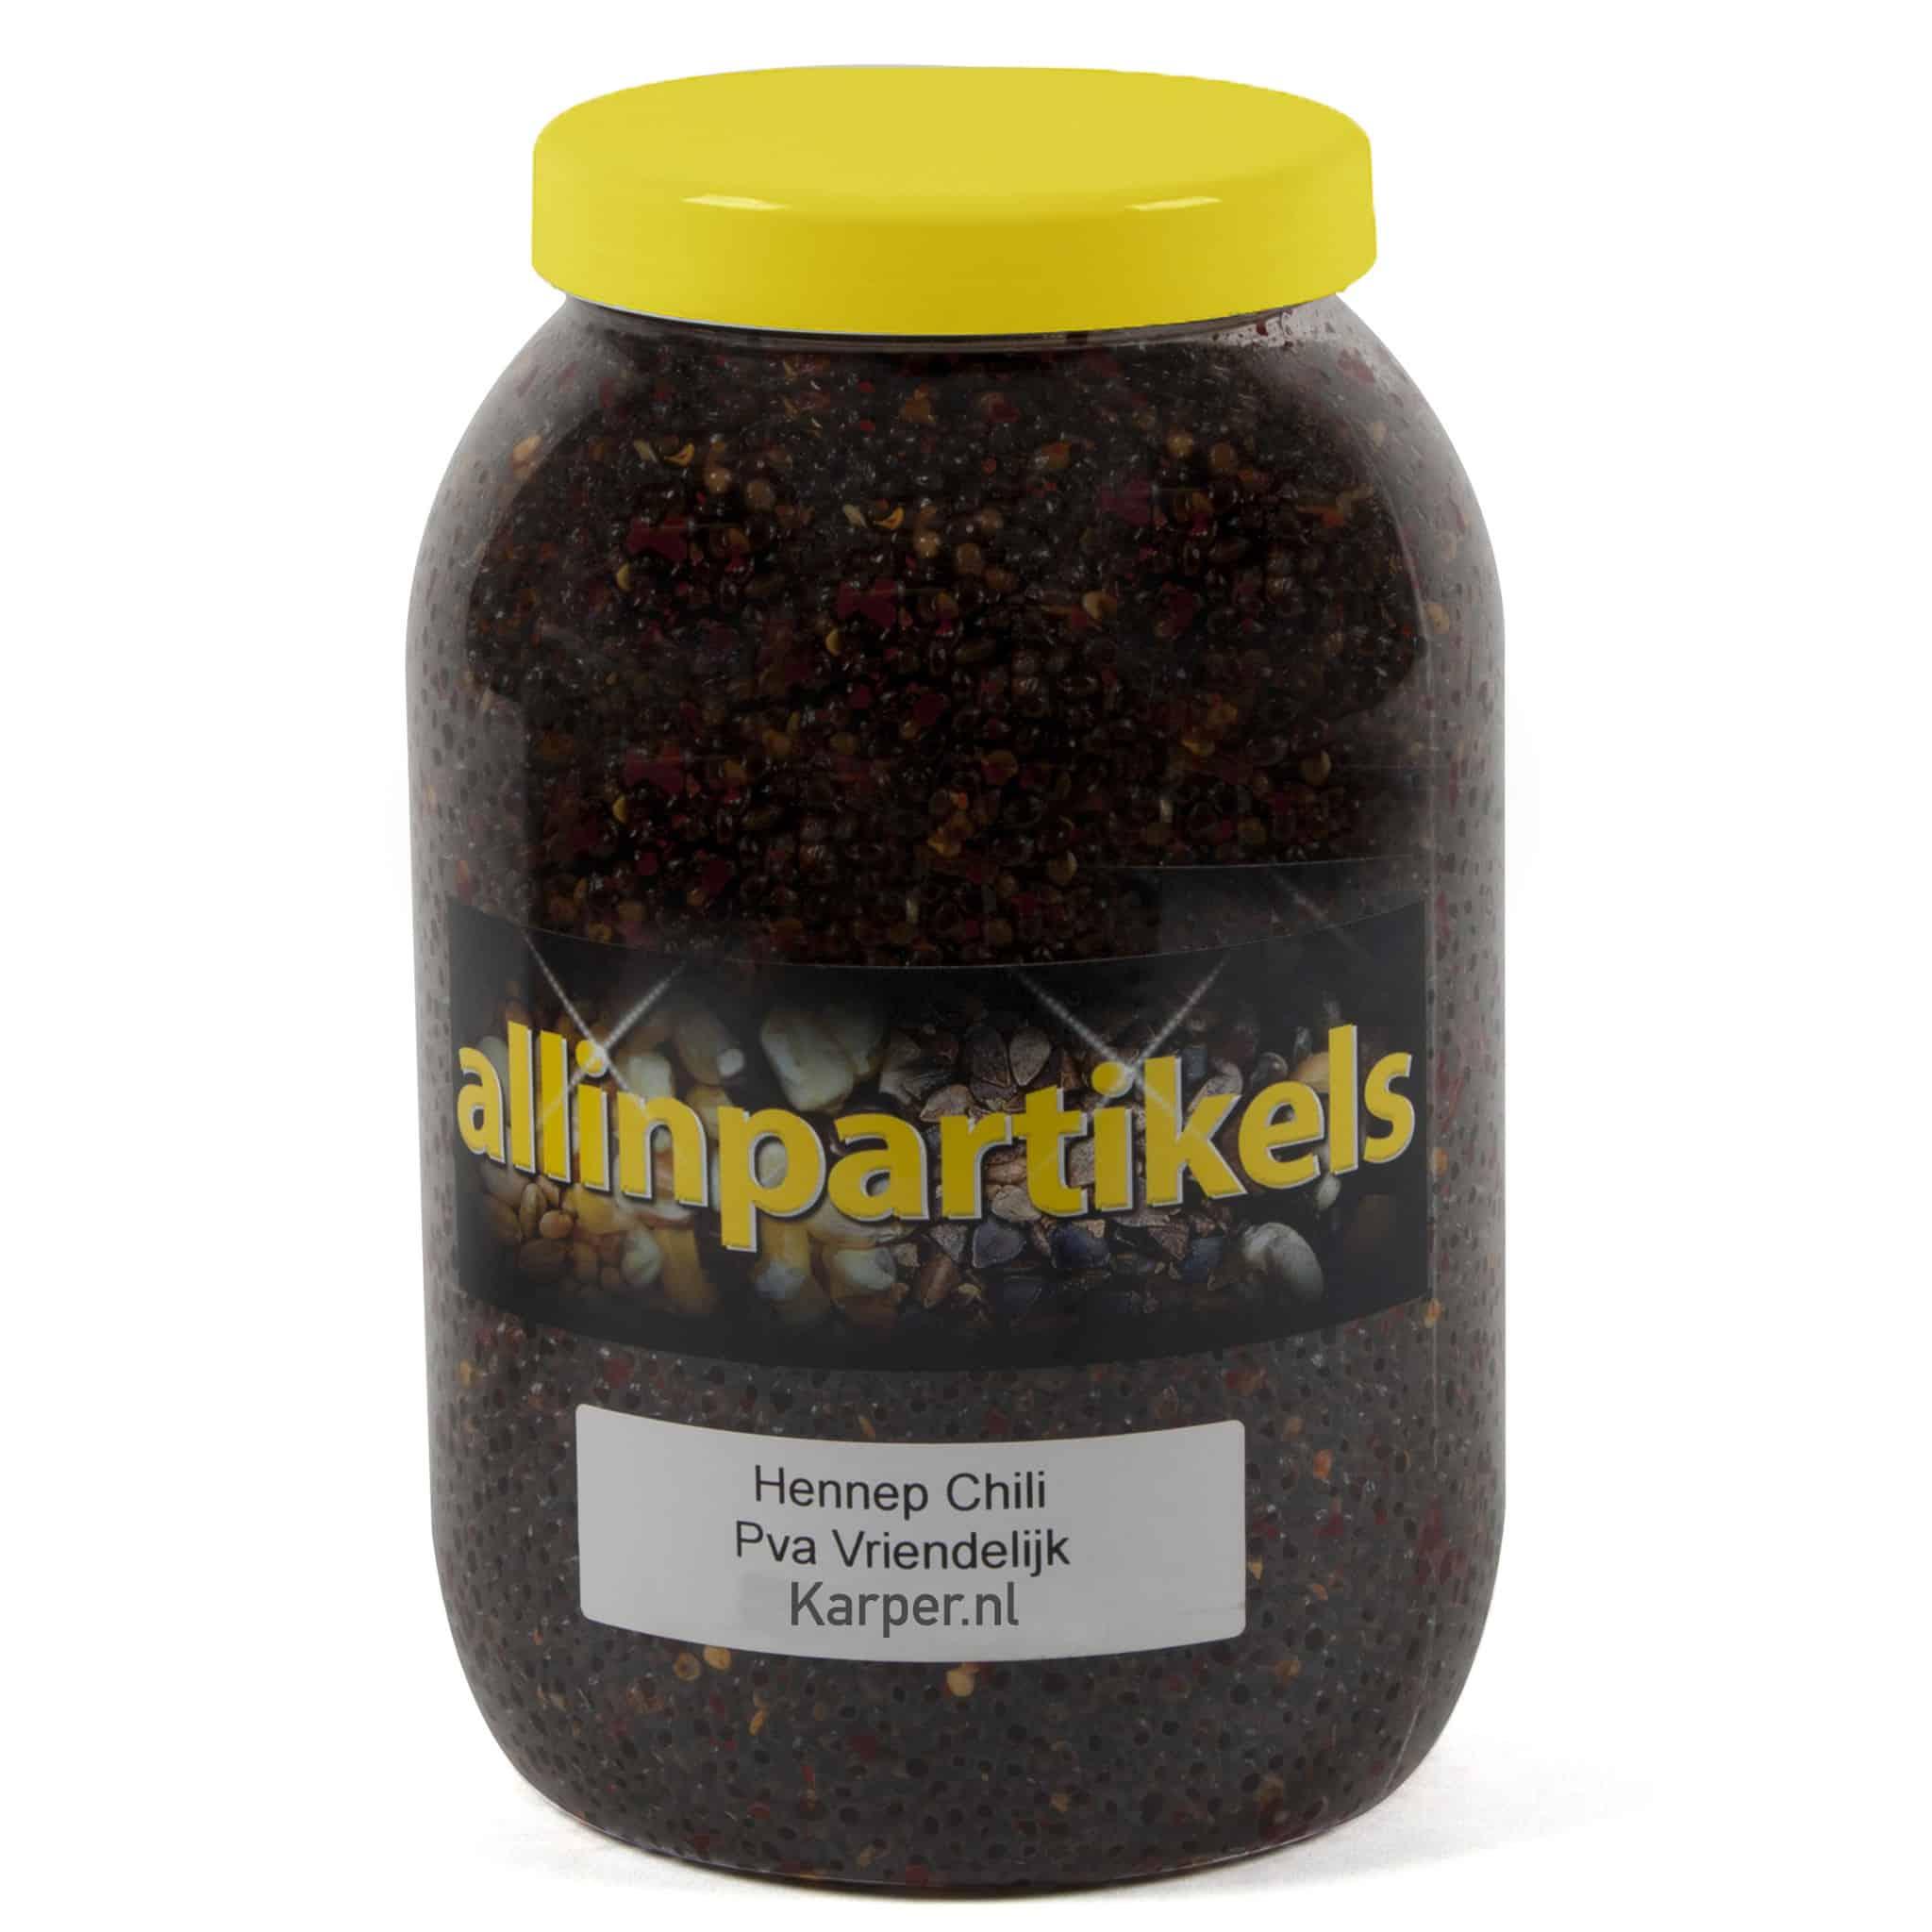 hennep-chili